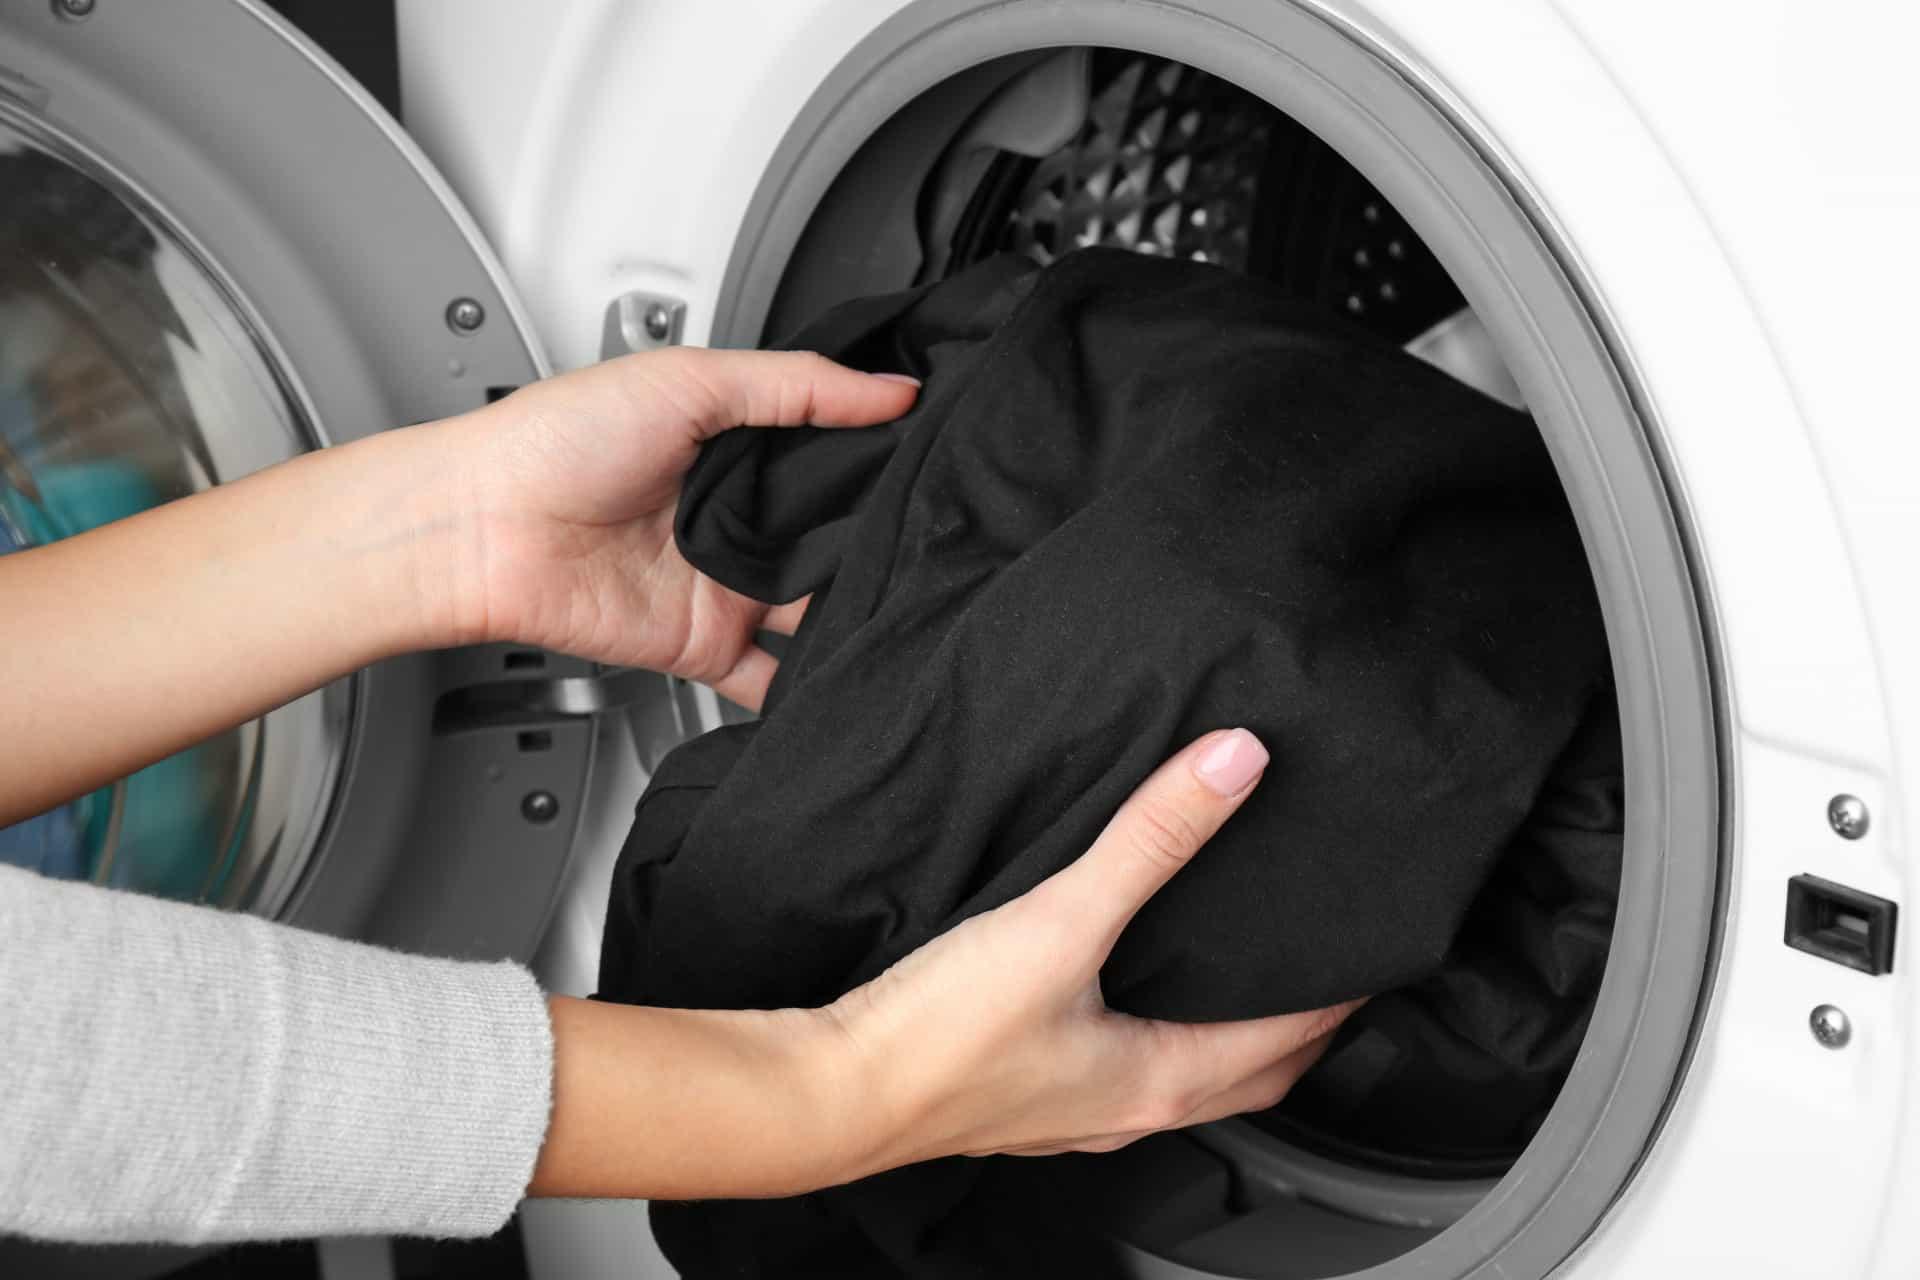 blogModacad-tecnicas-tingimento-m-quina-de-lavar